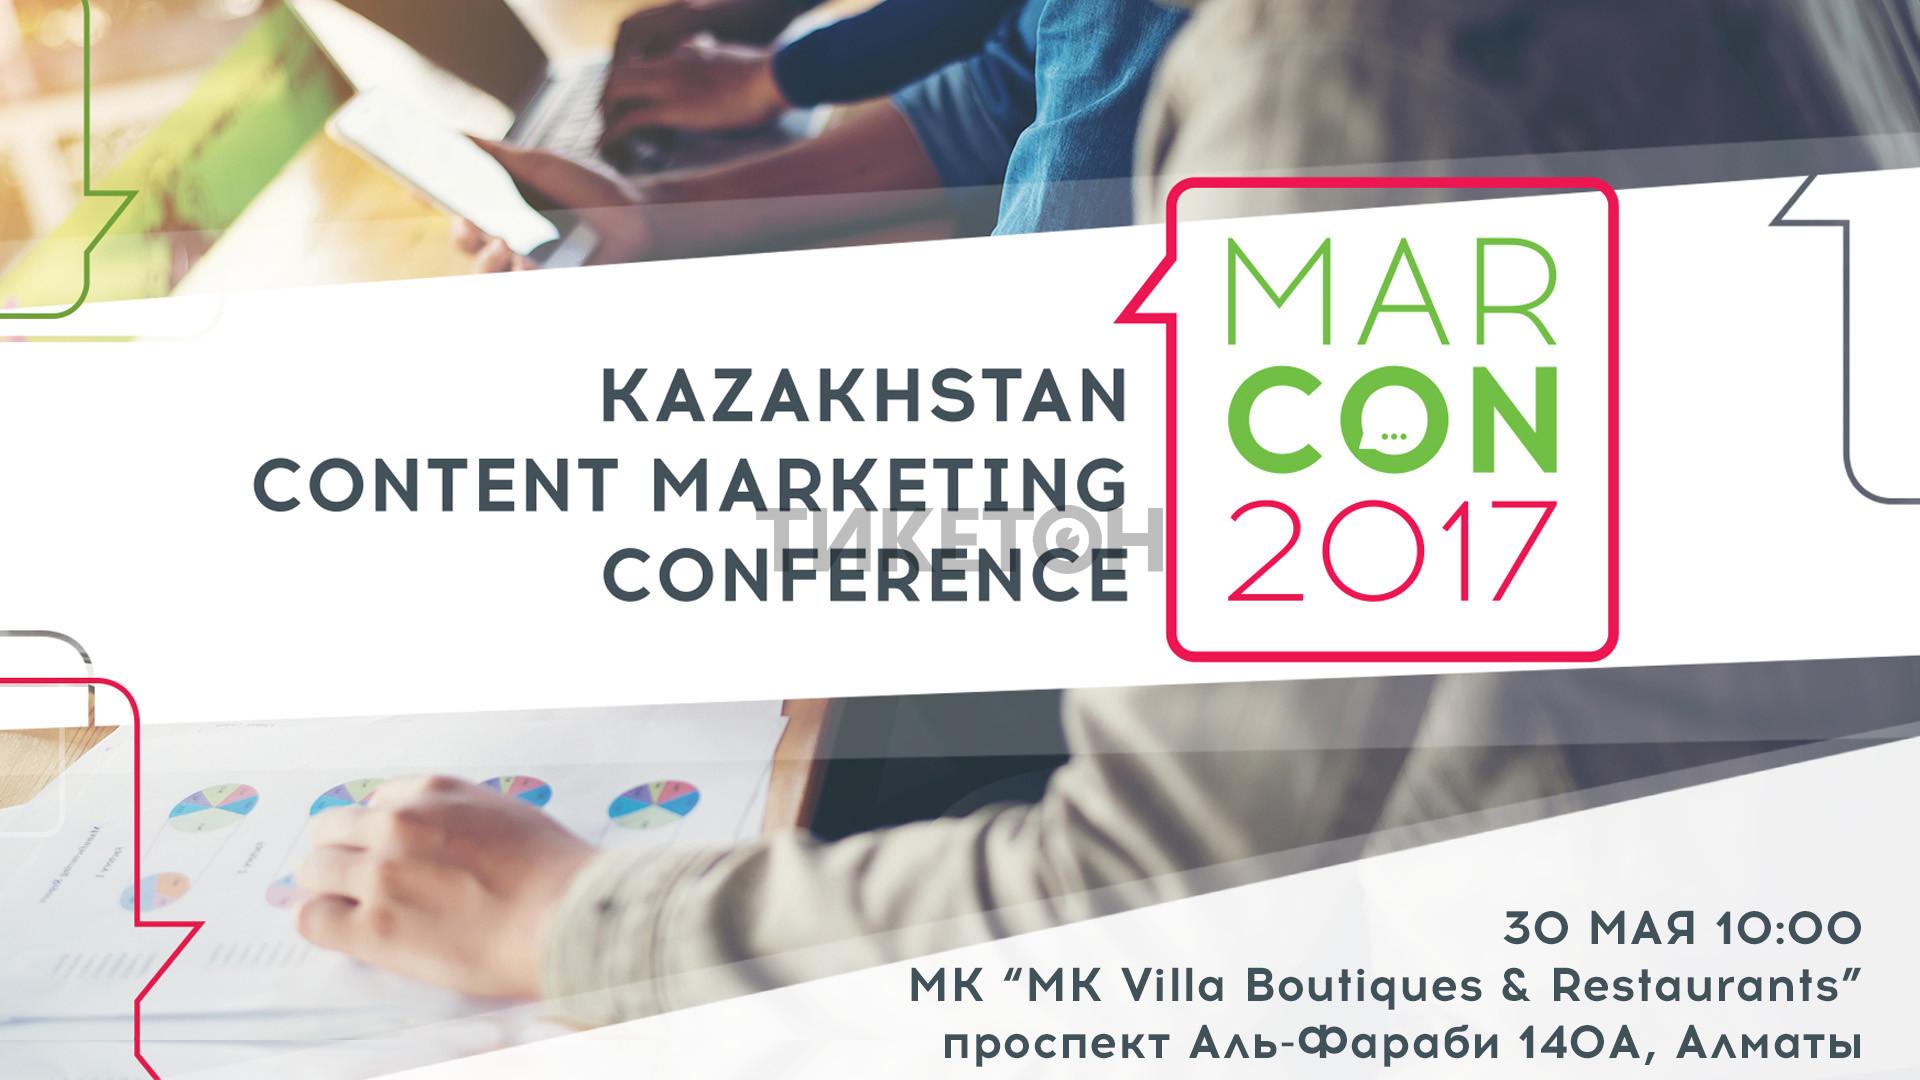 MARCON 2017 (Казахстанская Конференция по Контент-Маркетингу)